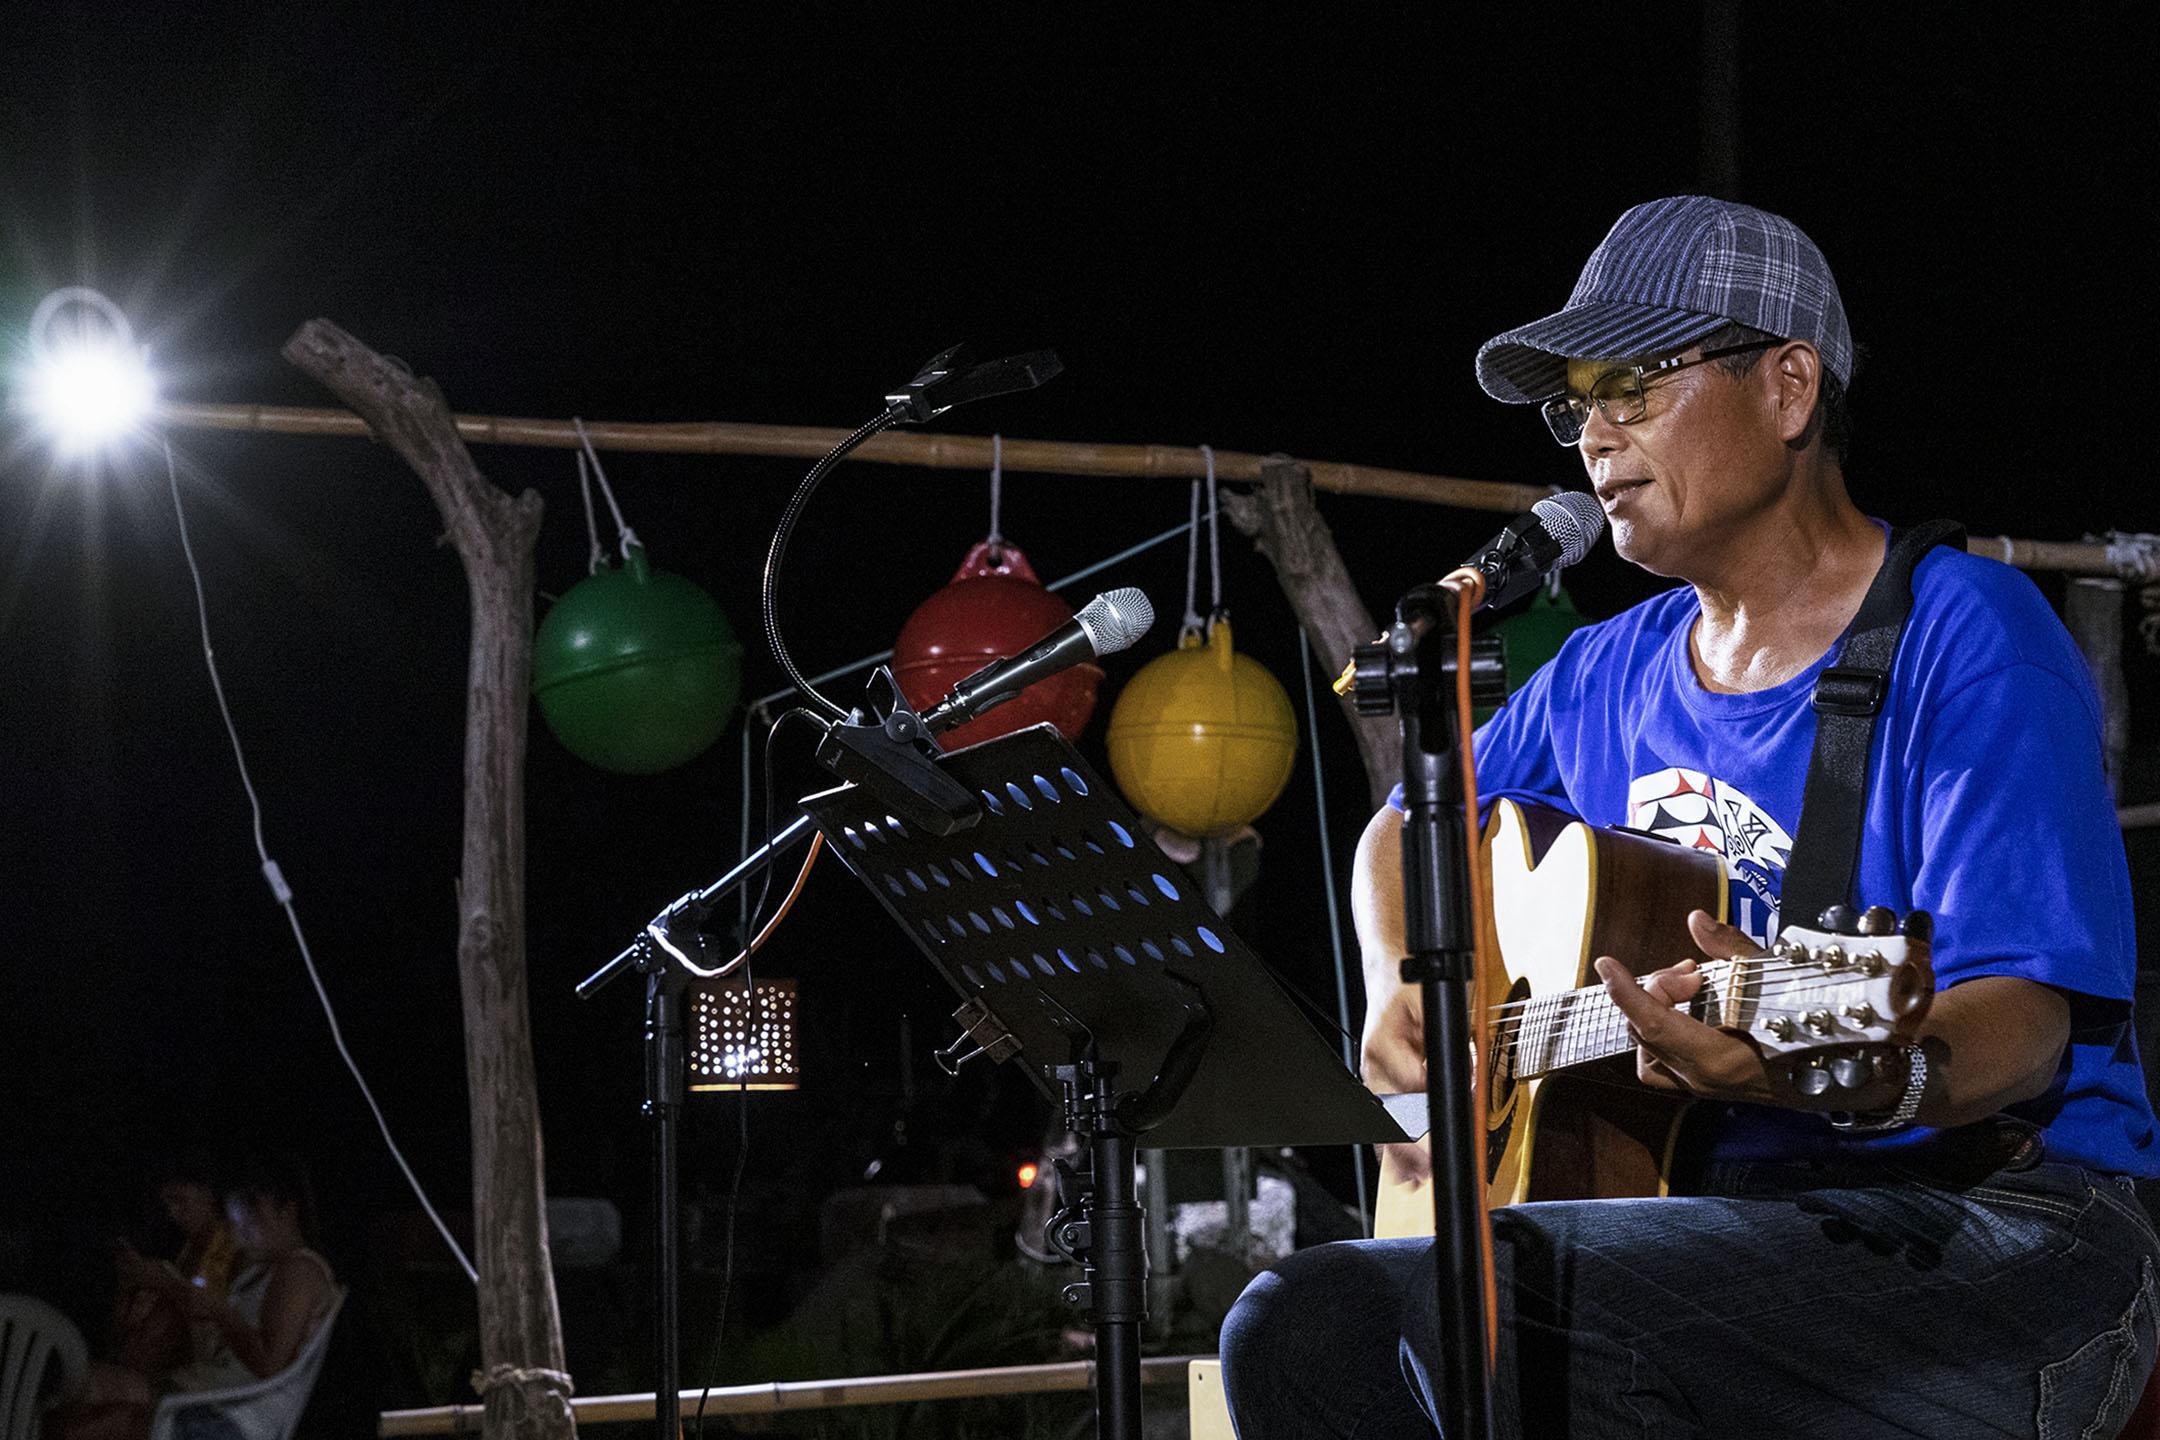 謝永泉在蘭嶼朗島部落的Do Vanwa音樂餐廳演出。 攝影:鄭宇騏